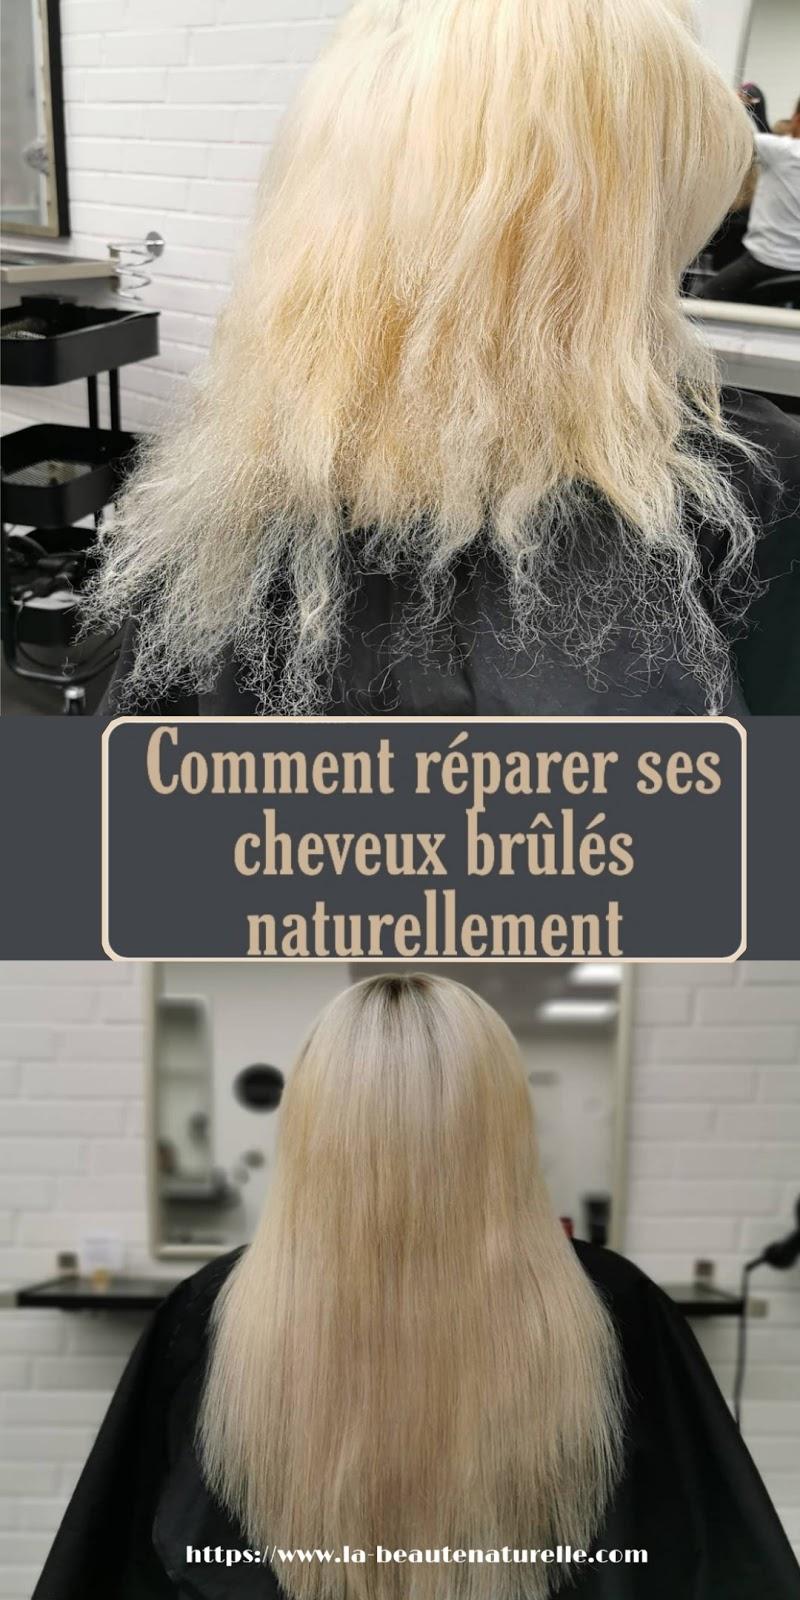 Comment réparer ses cheveux brûlés naturellement